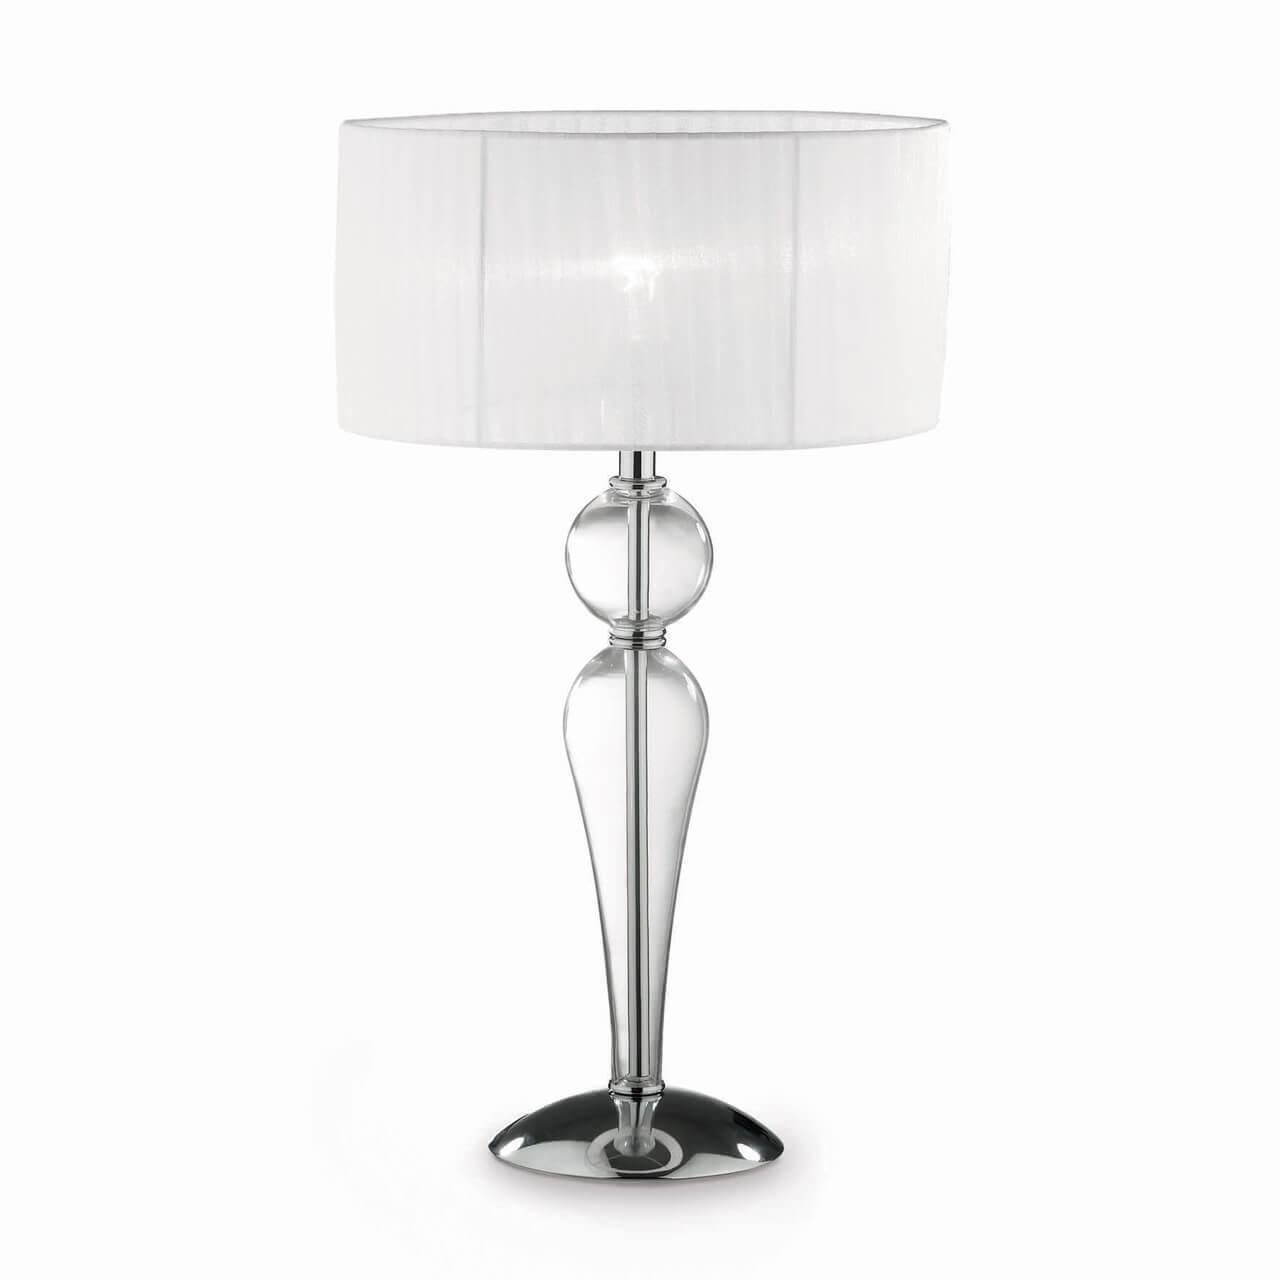 Настольная лампа Ideal Lux Duchessa TL1 BIG цена